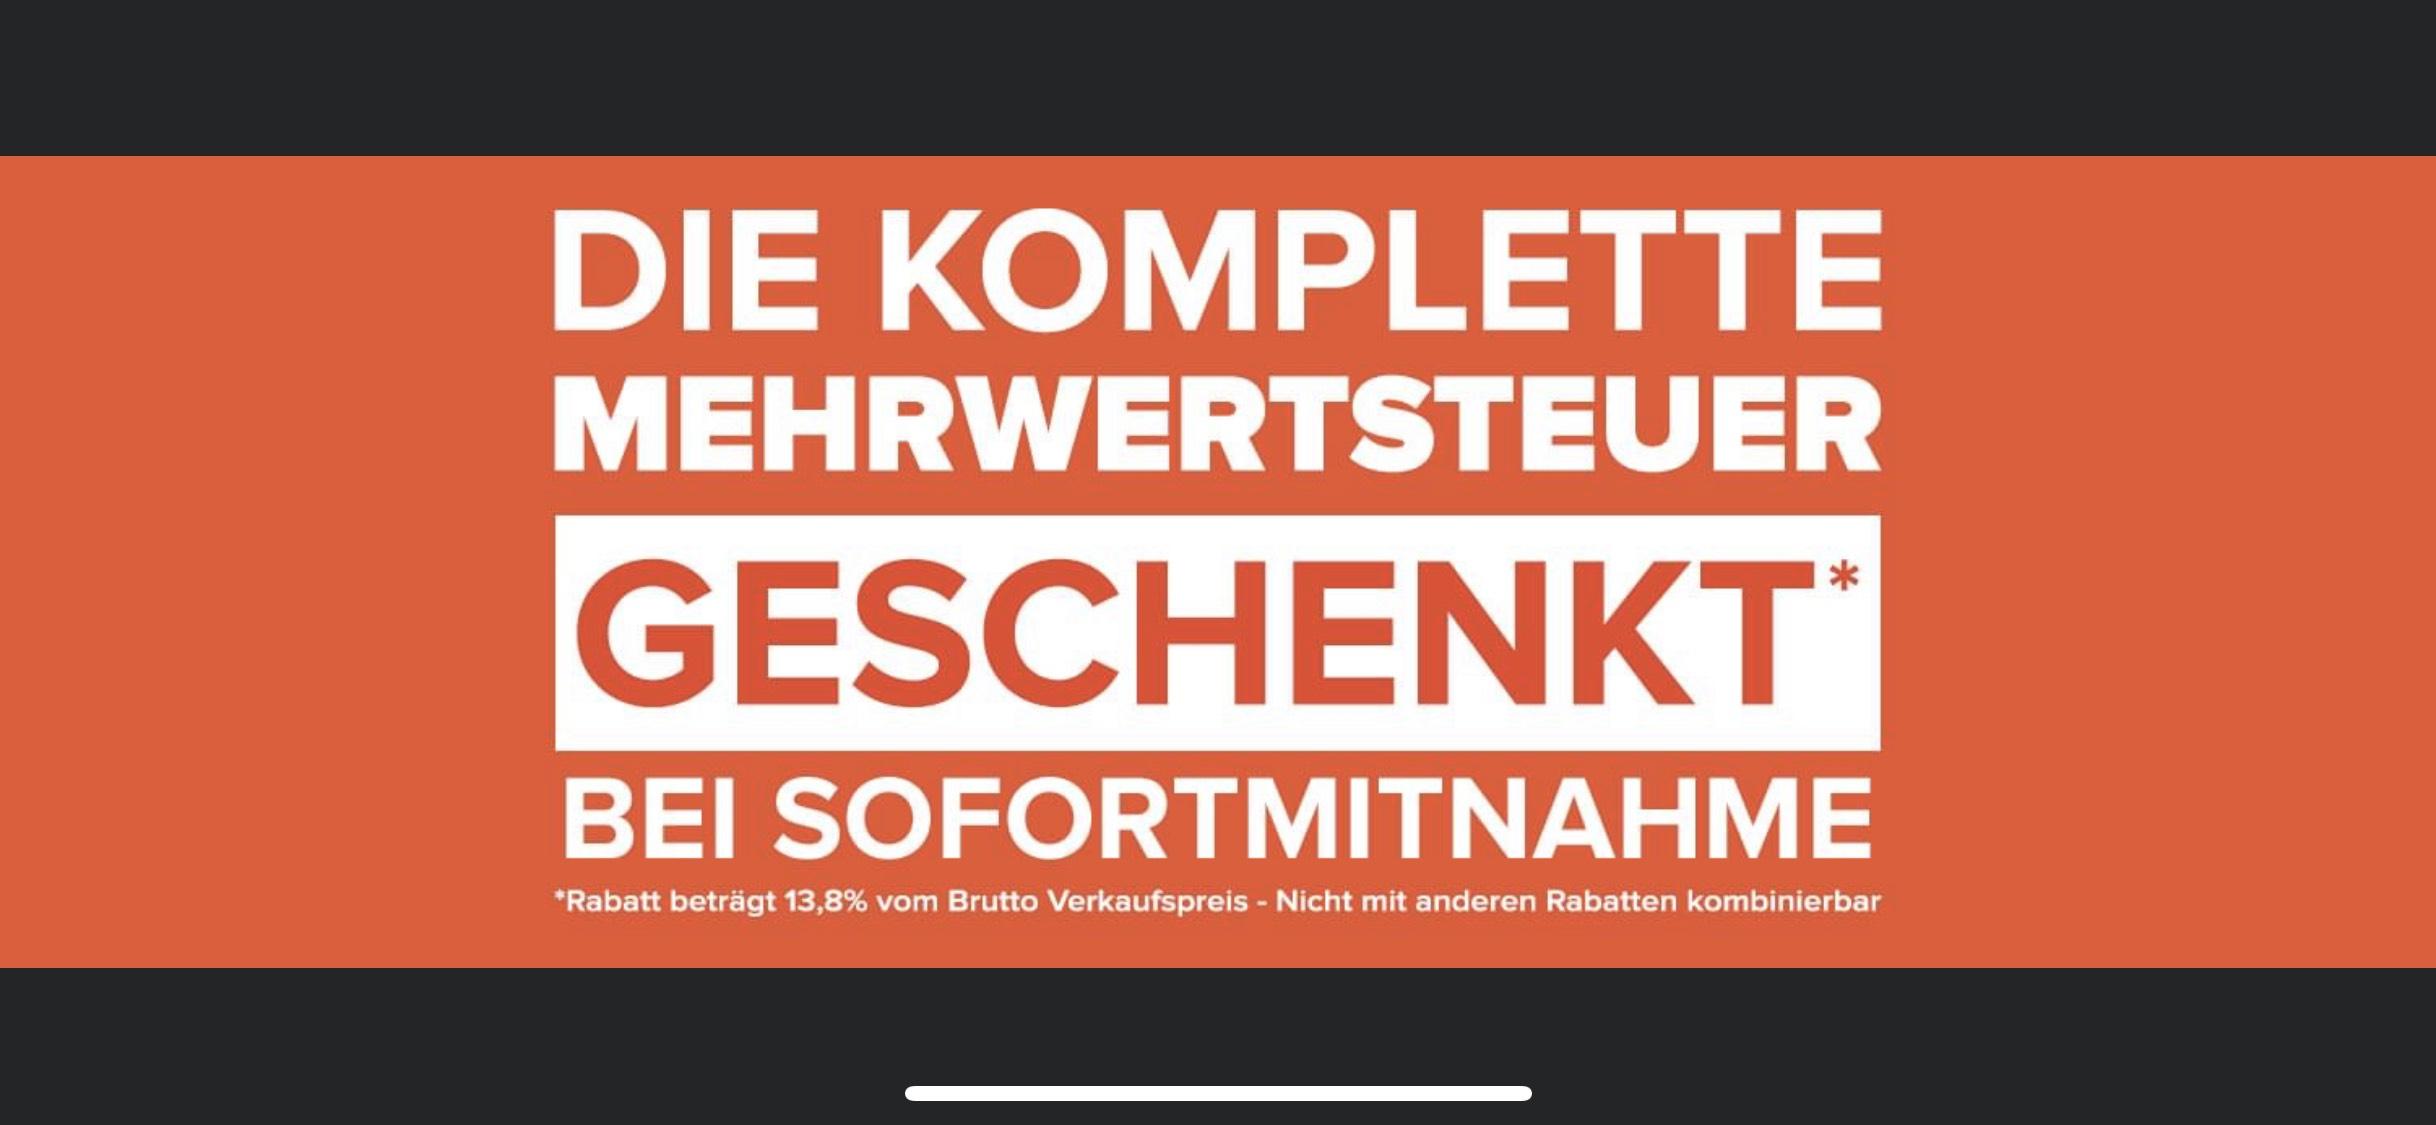 Home-24 Outlet Hannover 16% MwSt. geschenkt sofort Mitnahme